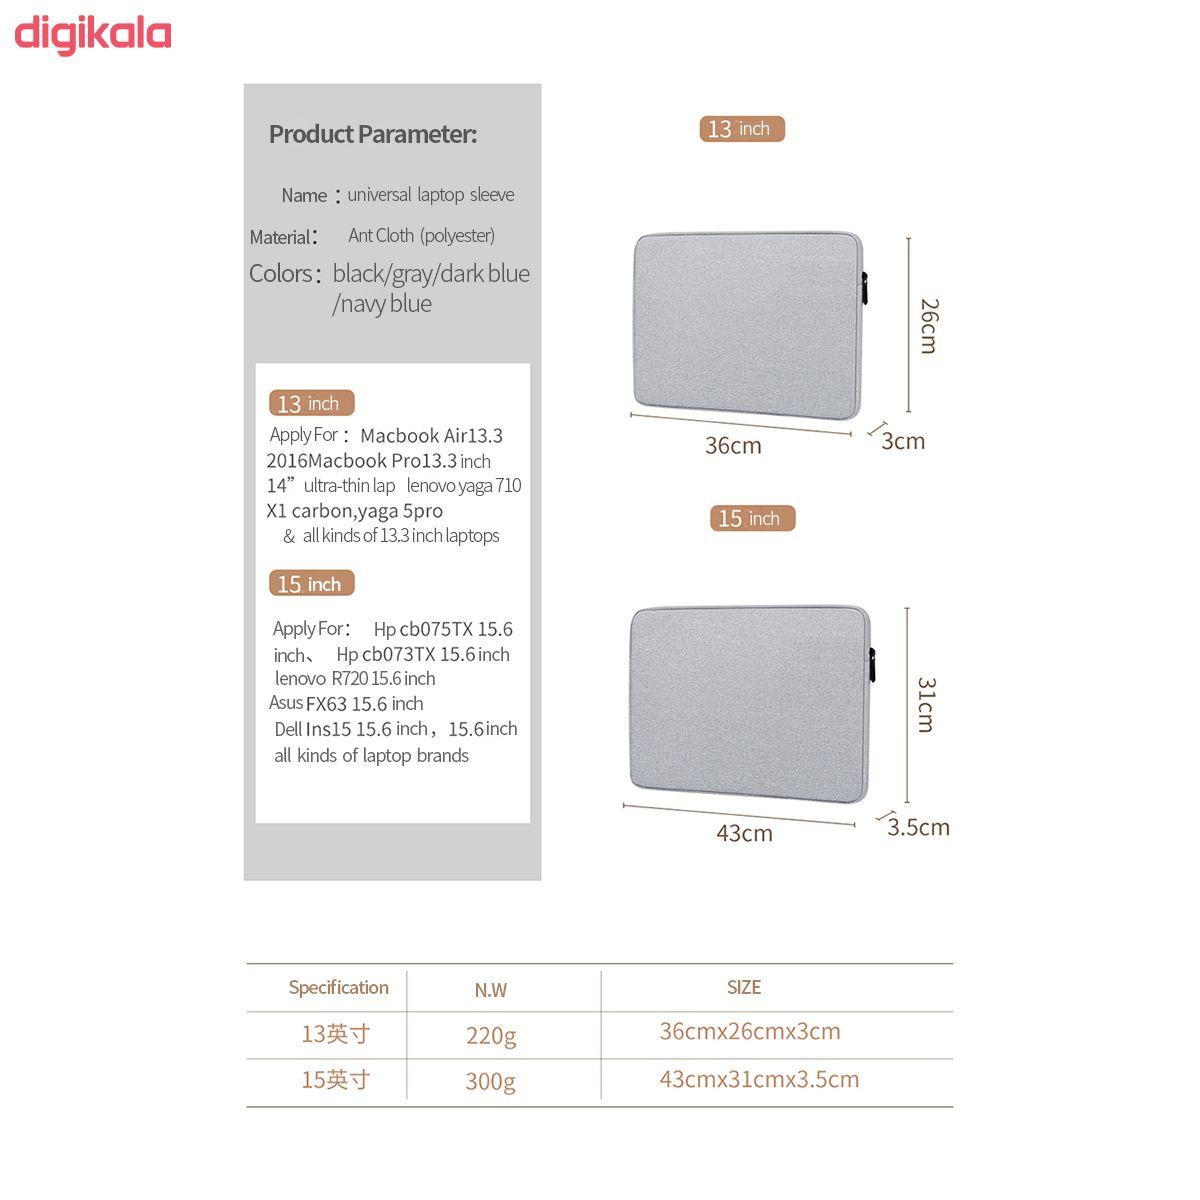 کاور لپ تاپ مدل BUBM01 مناسب برای لپ تاپ 13 اینچی main 1 2